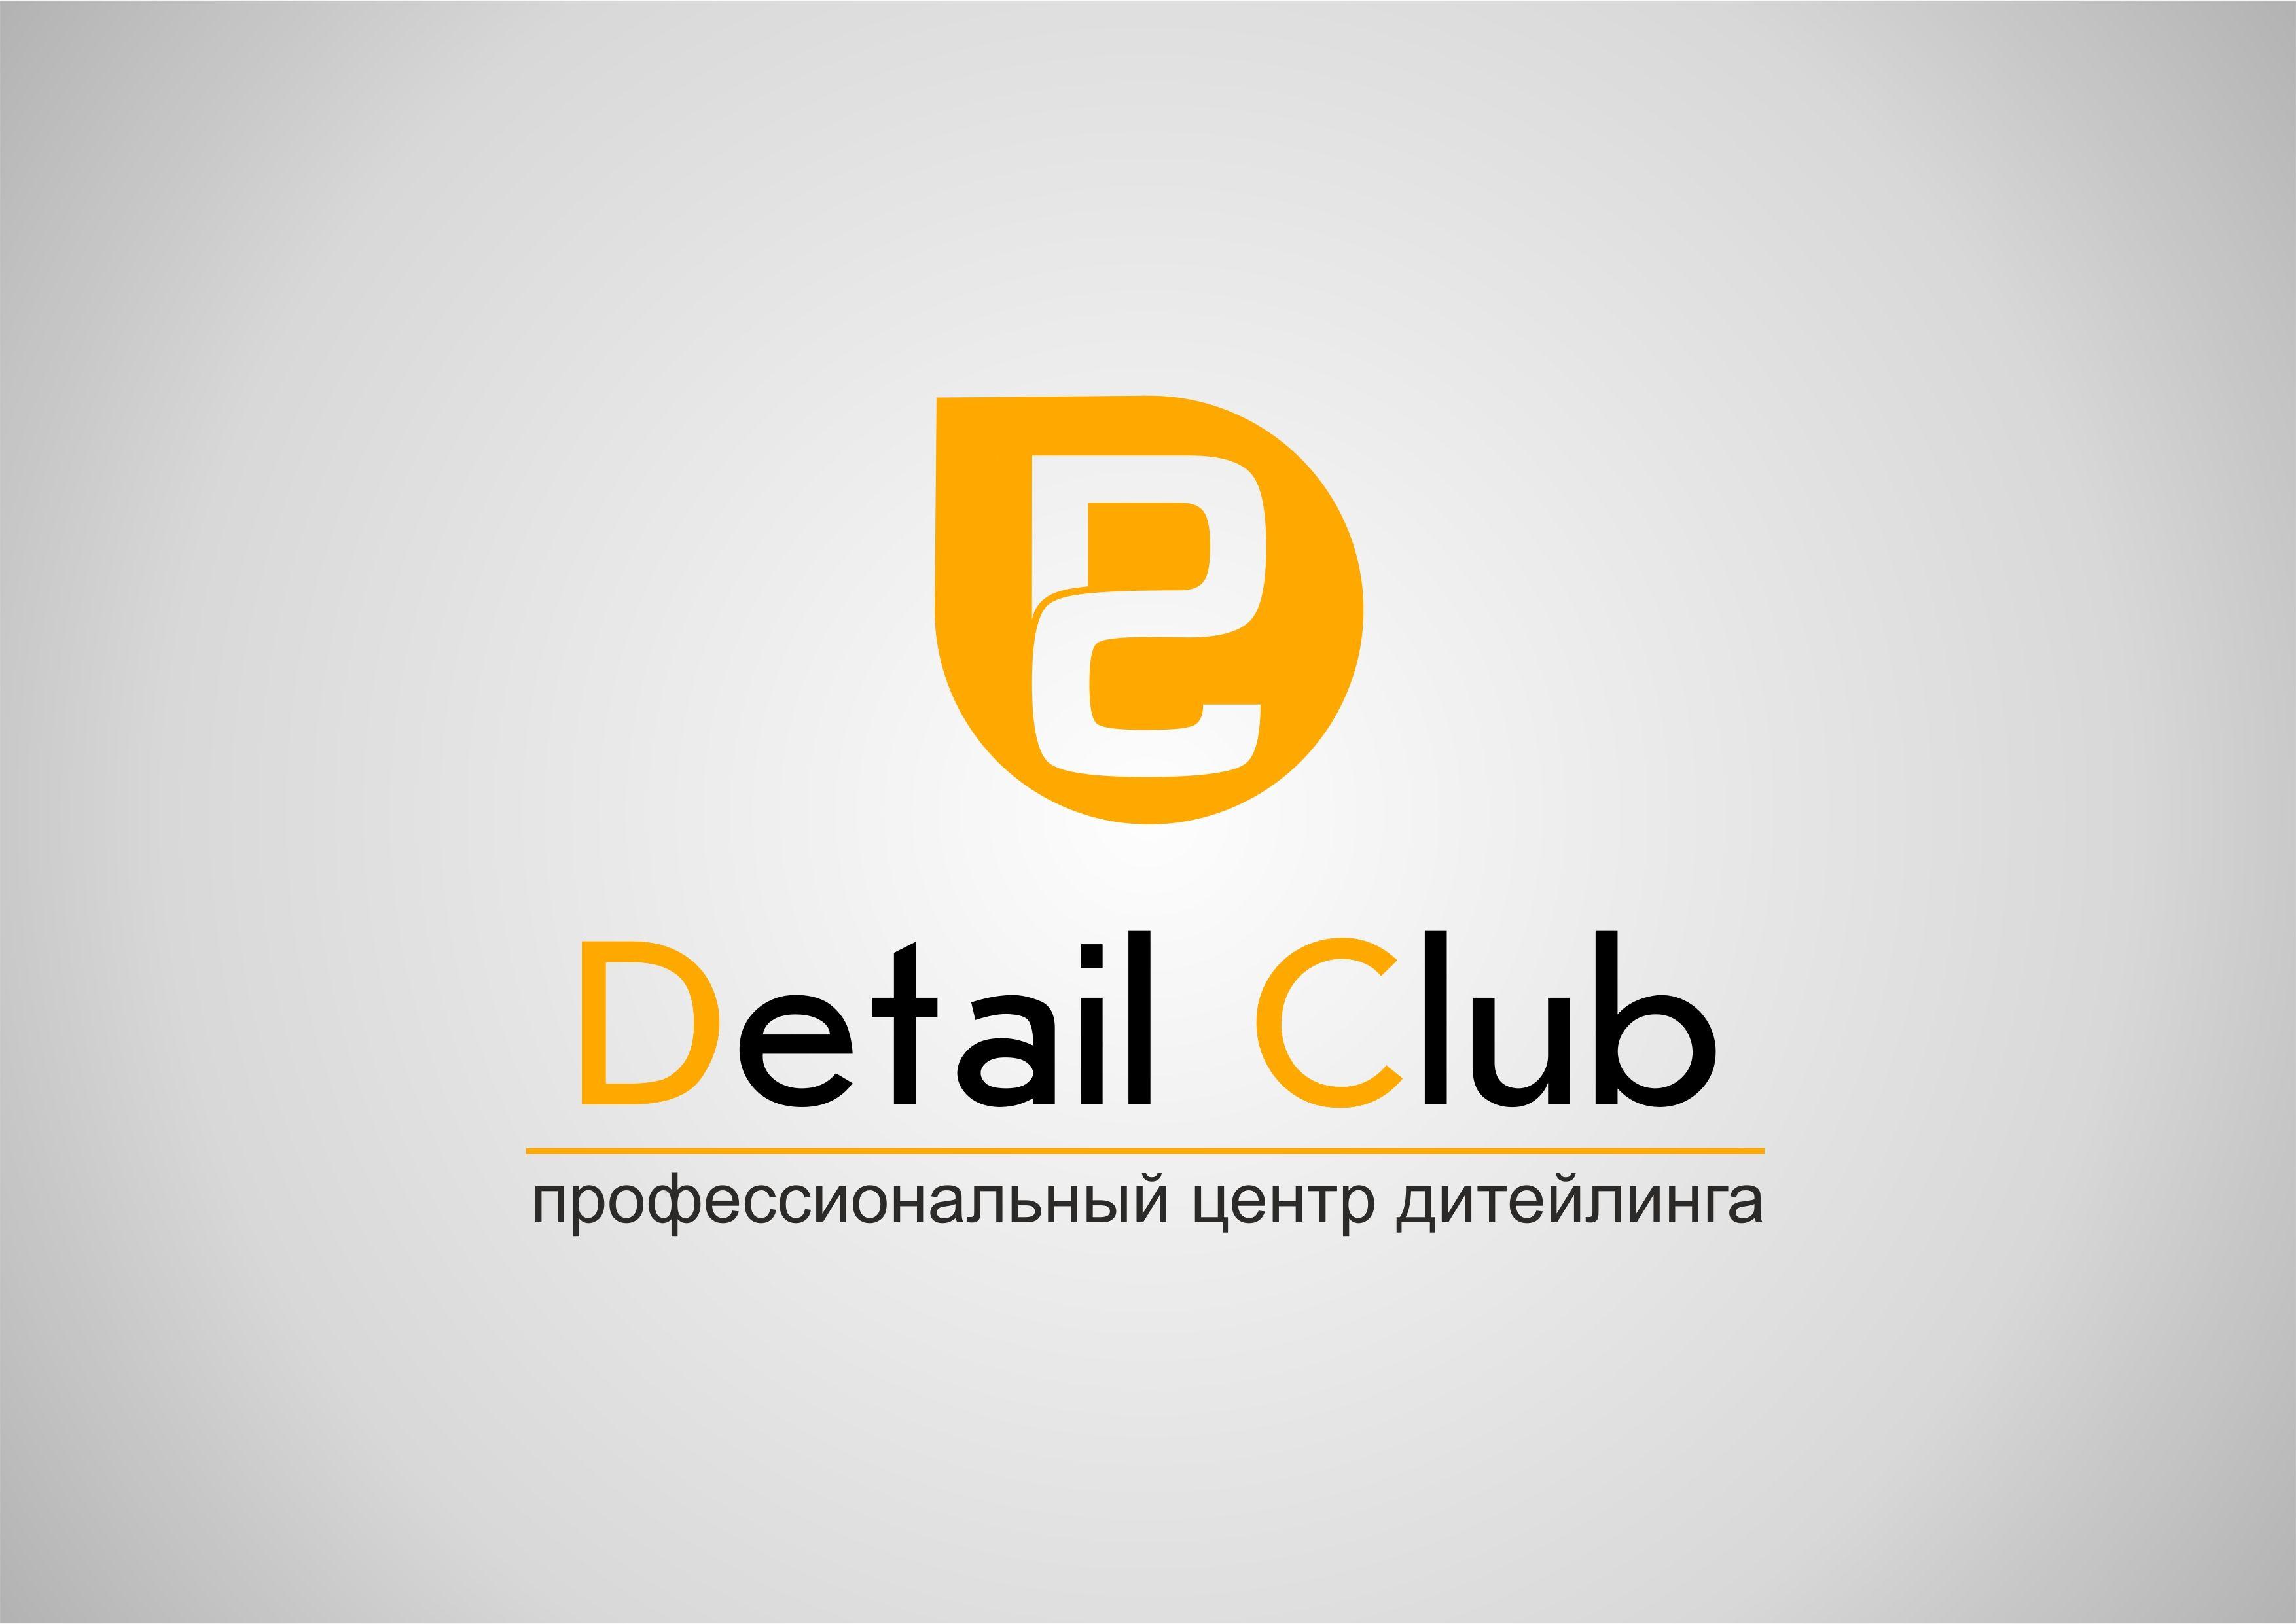 Логотип для компании (детейлинг студия) - дизайнер yuldashbaev